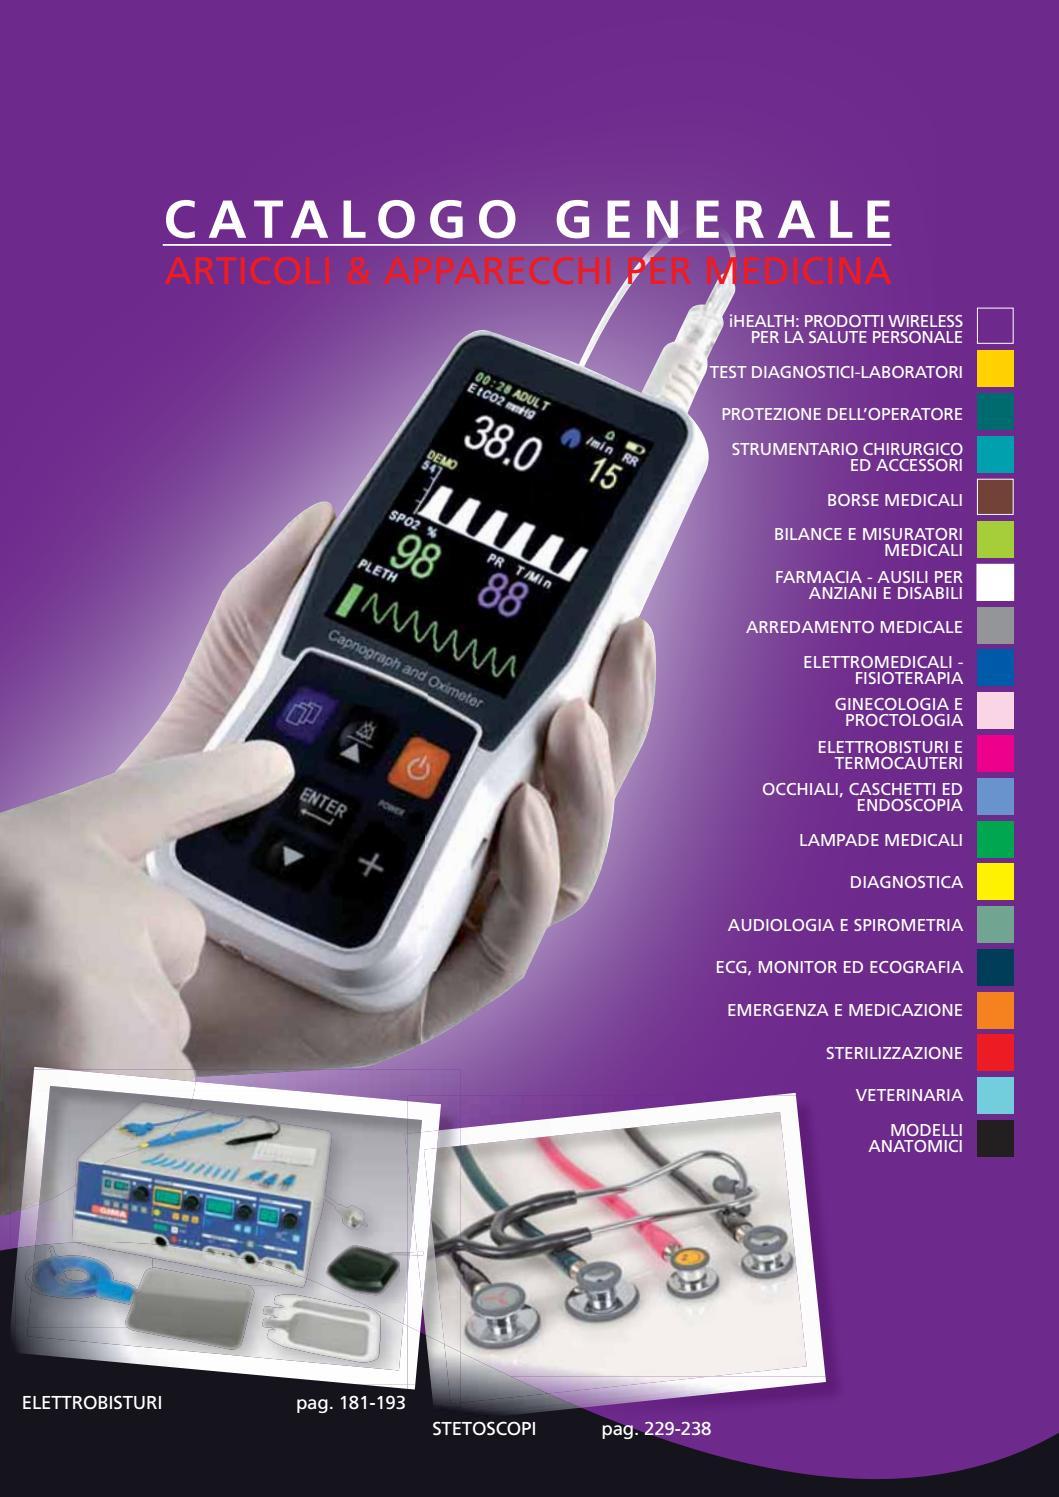 Bianco 68-74cm//9Kg//6-9 mesi - Unisex Body per Neonato Manica Corta Confezione 3 Pezzi